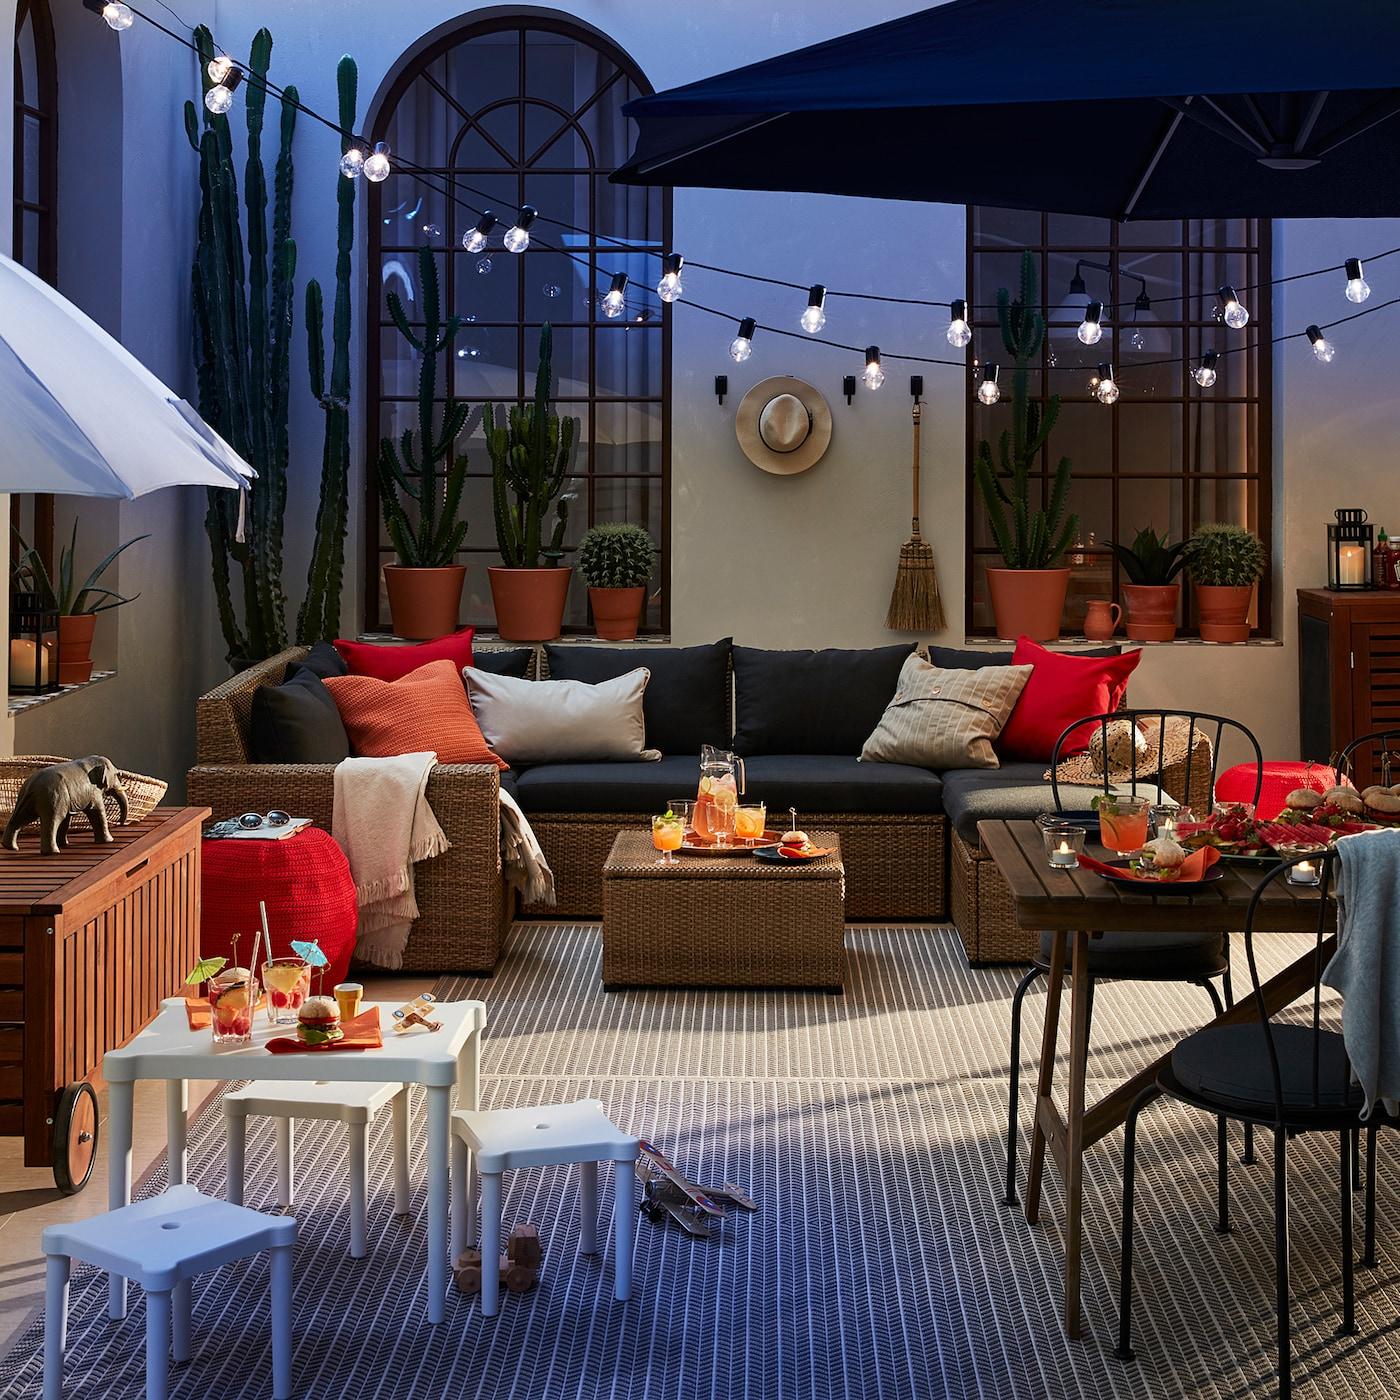 Modern, gemütlich gestaltete Terrasse mit Rattansitzmöbeln, Gartenservierwagen, Lichterketten & Kakteen.